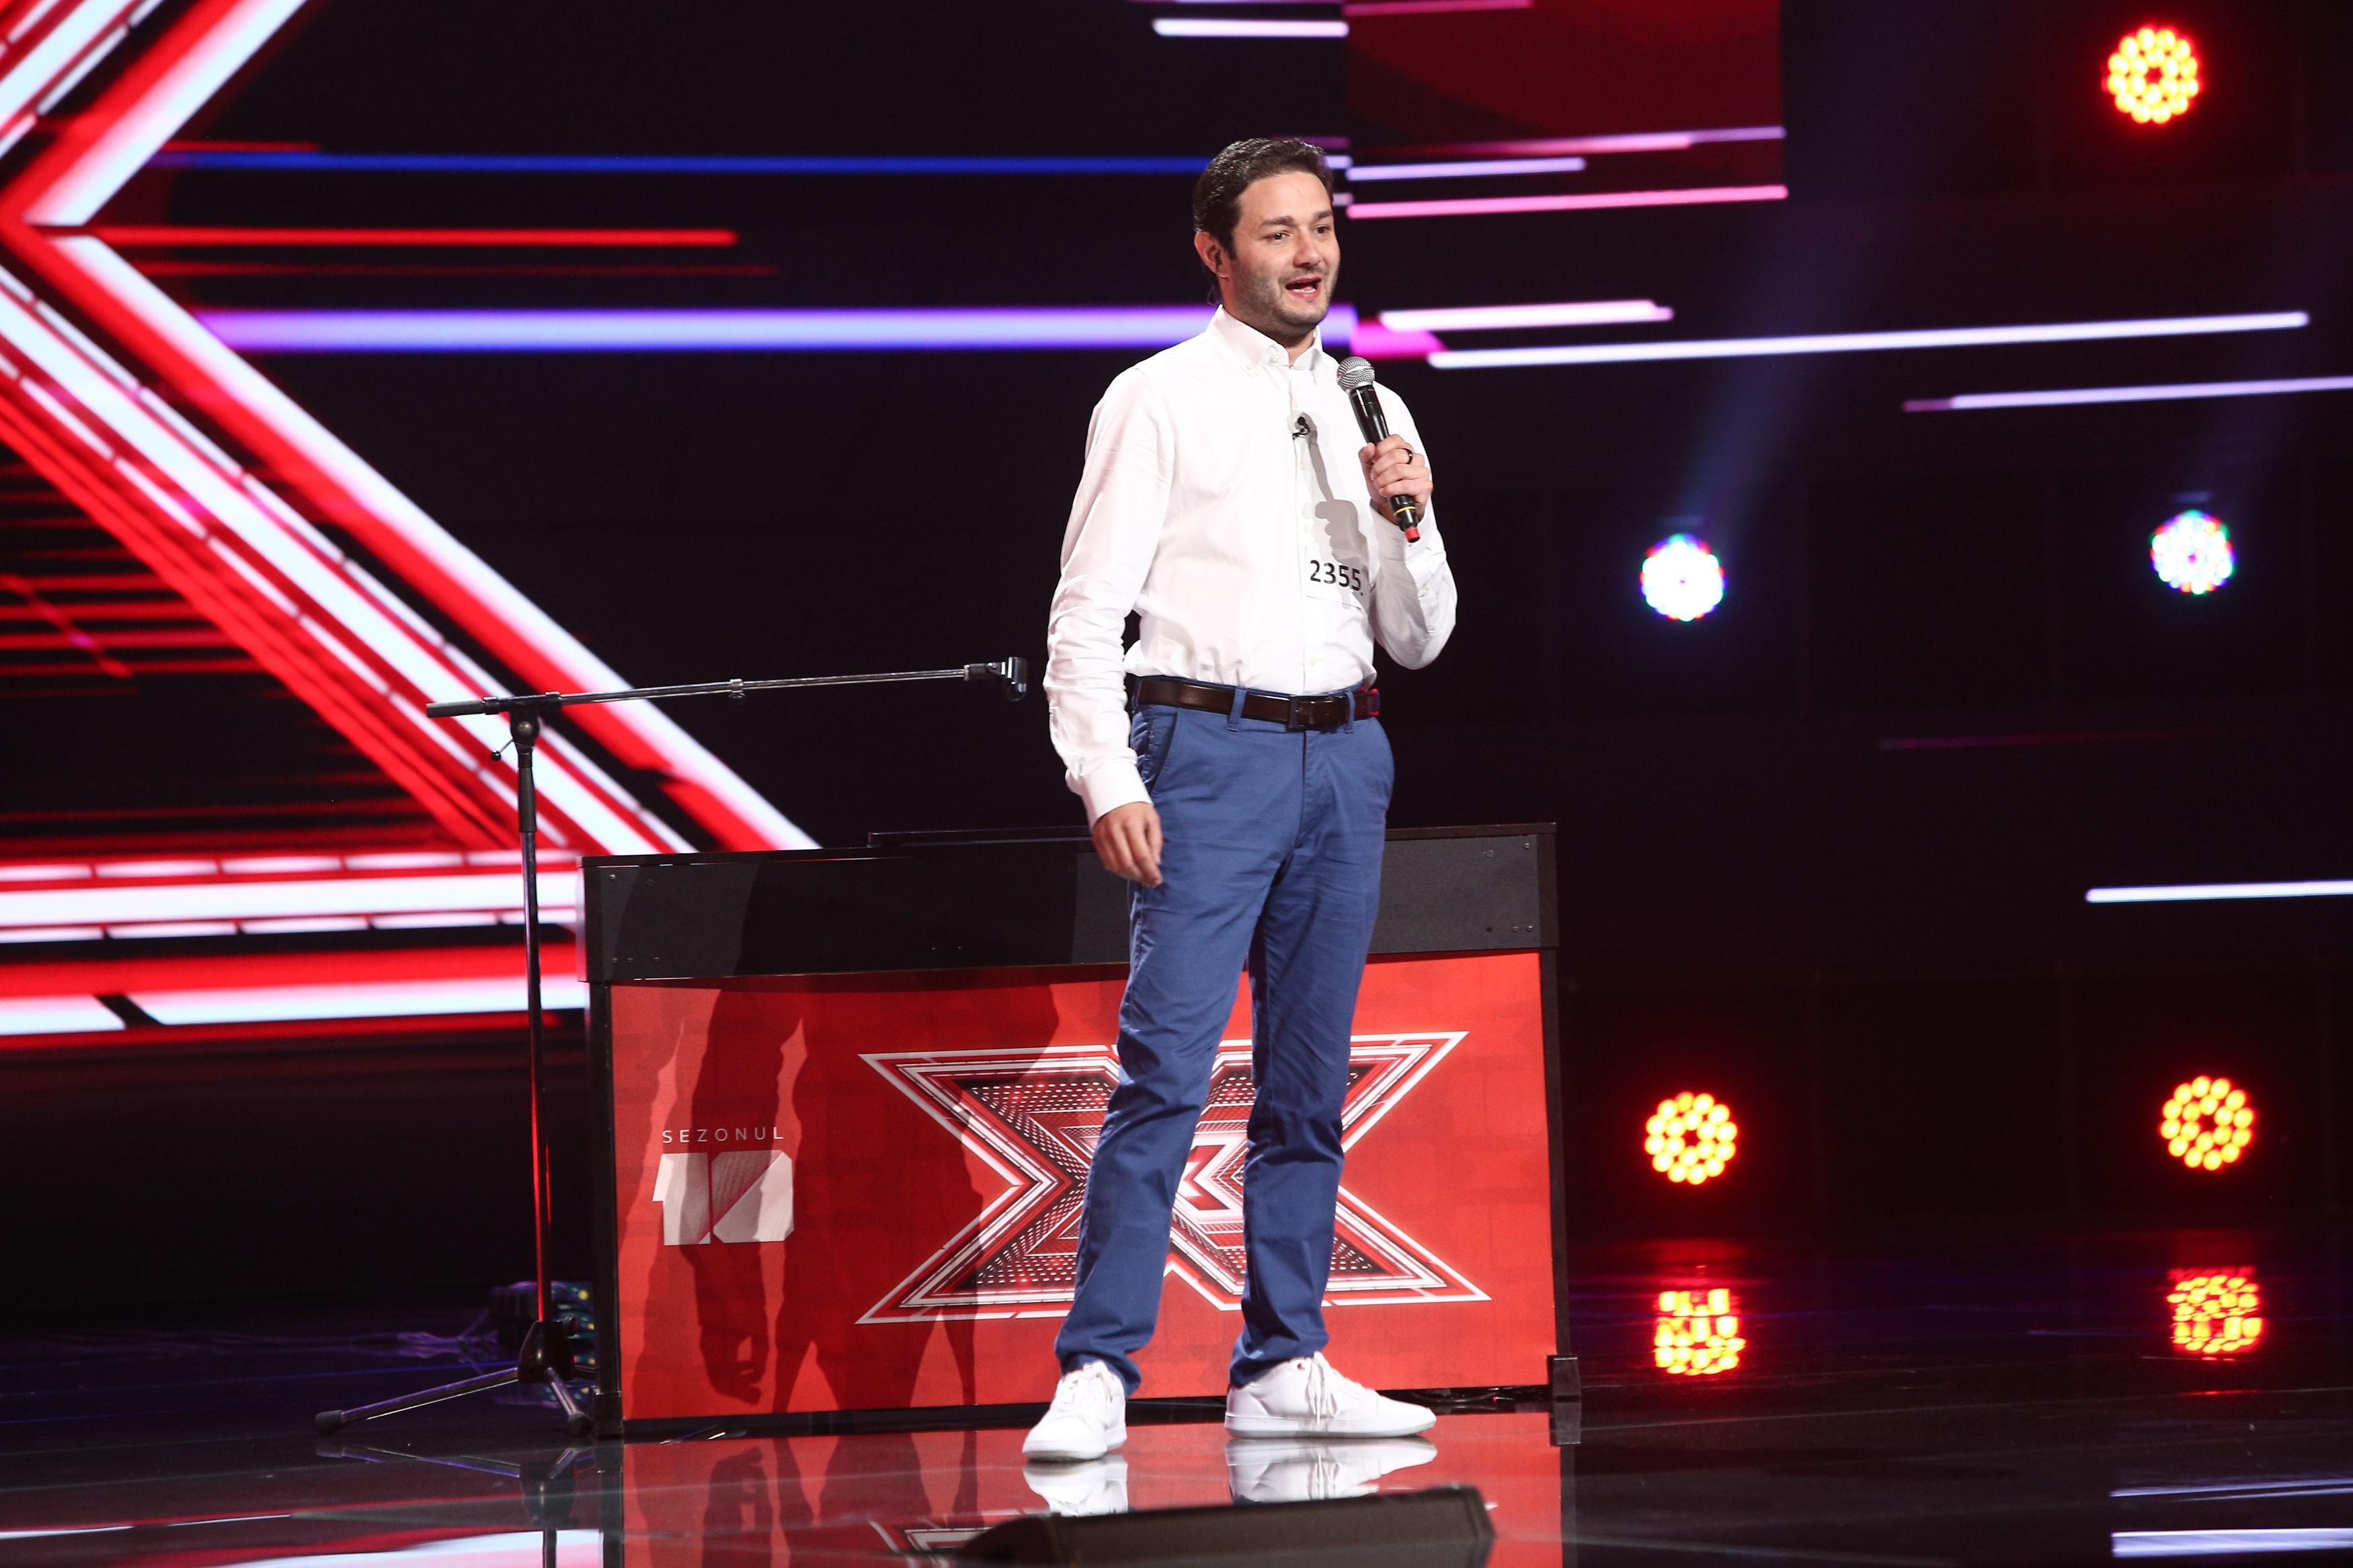 X Factor 2021, 6 septembrie. Ștefan J Doyle a impresionat juriul cu interpretarea impecabilă a piesei Tiny Dancer